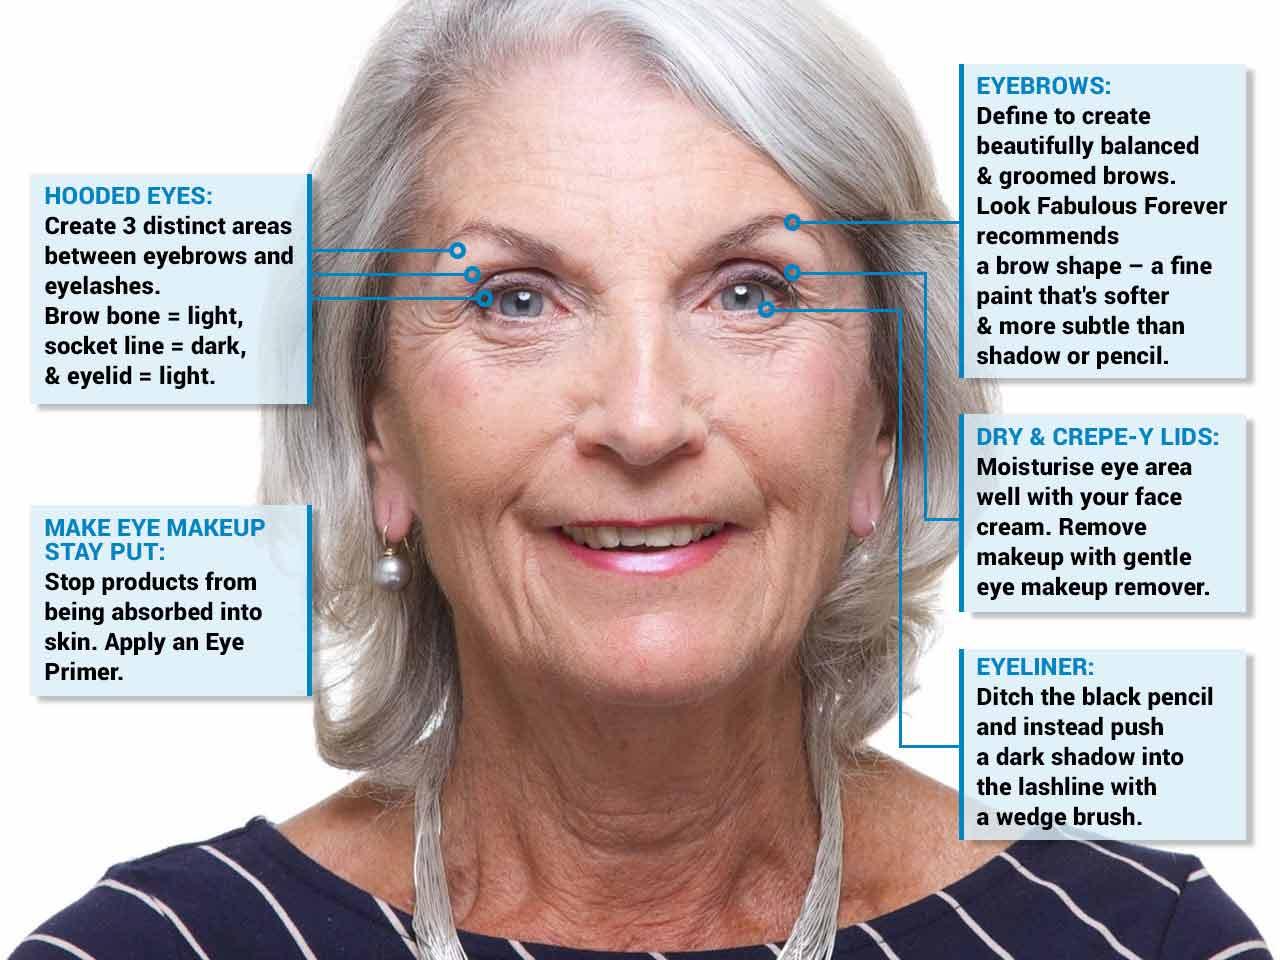 Fennel reccomend Bare minerals for mature skin